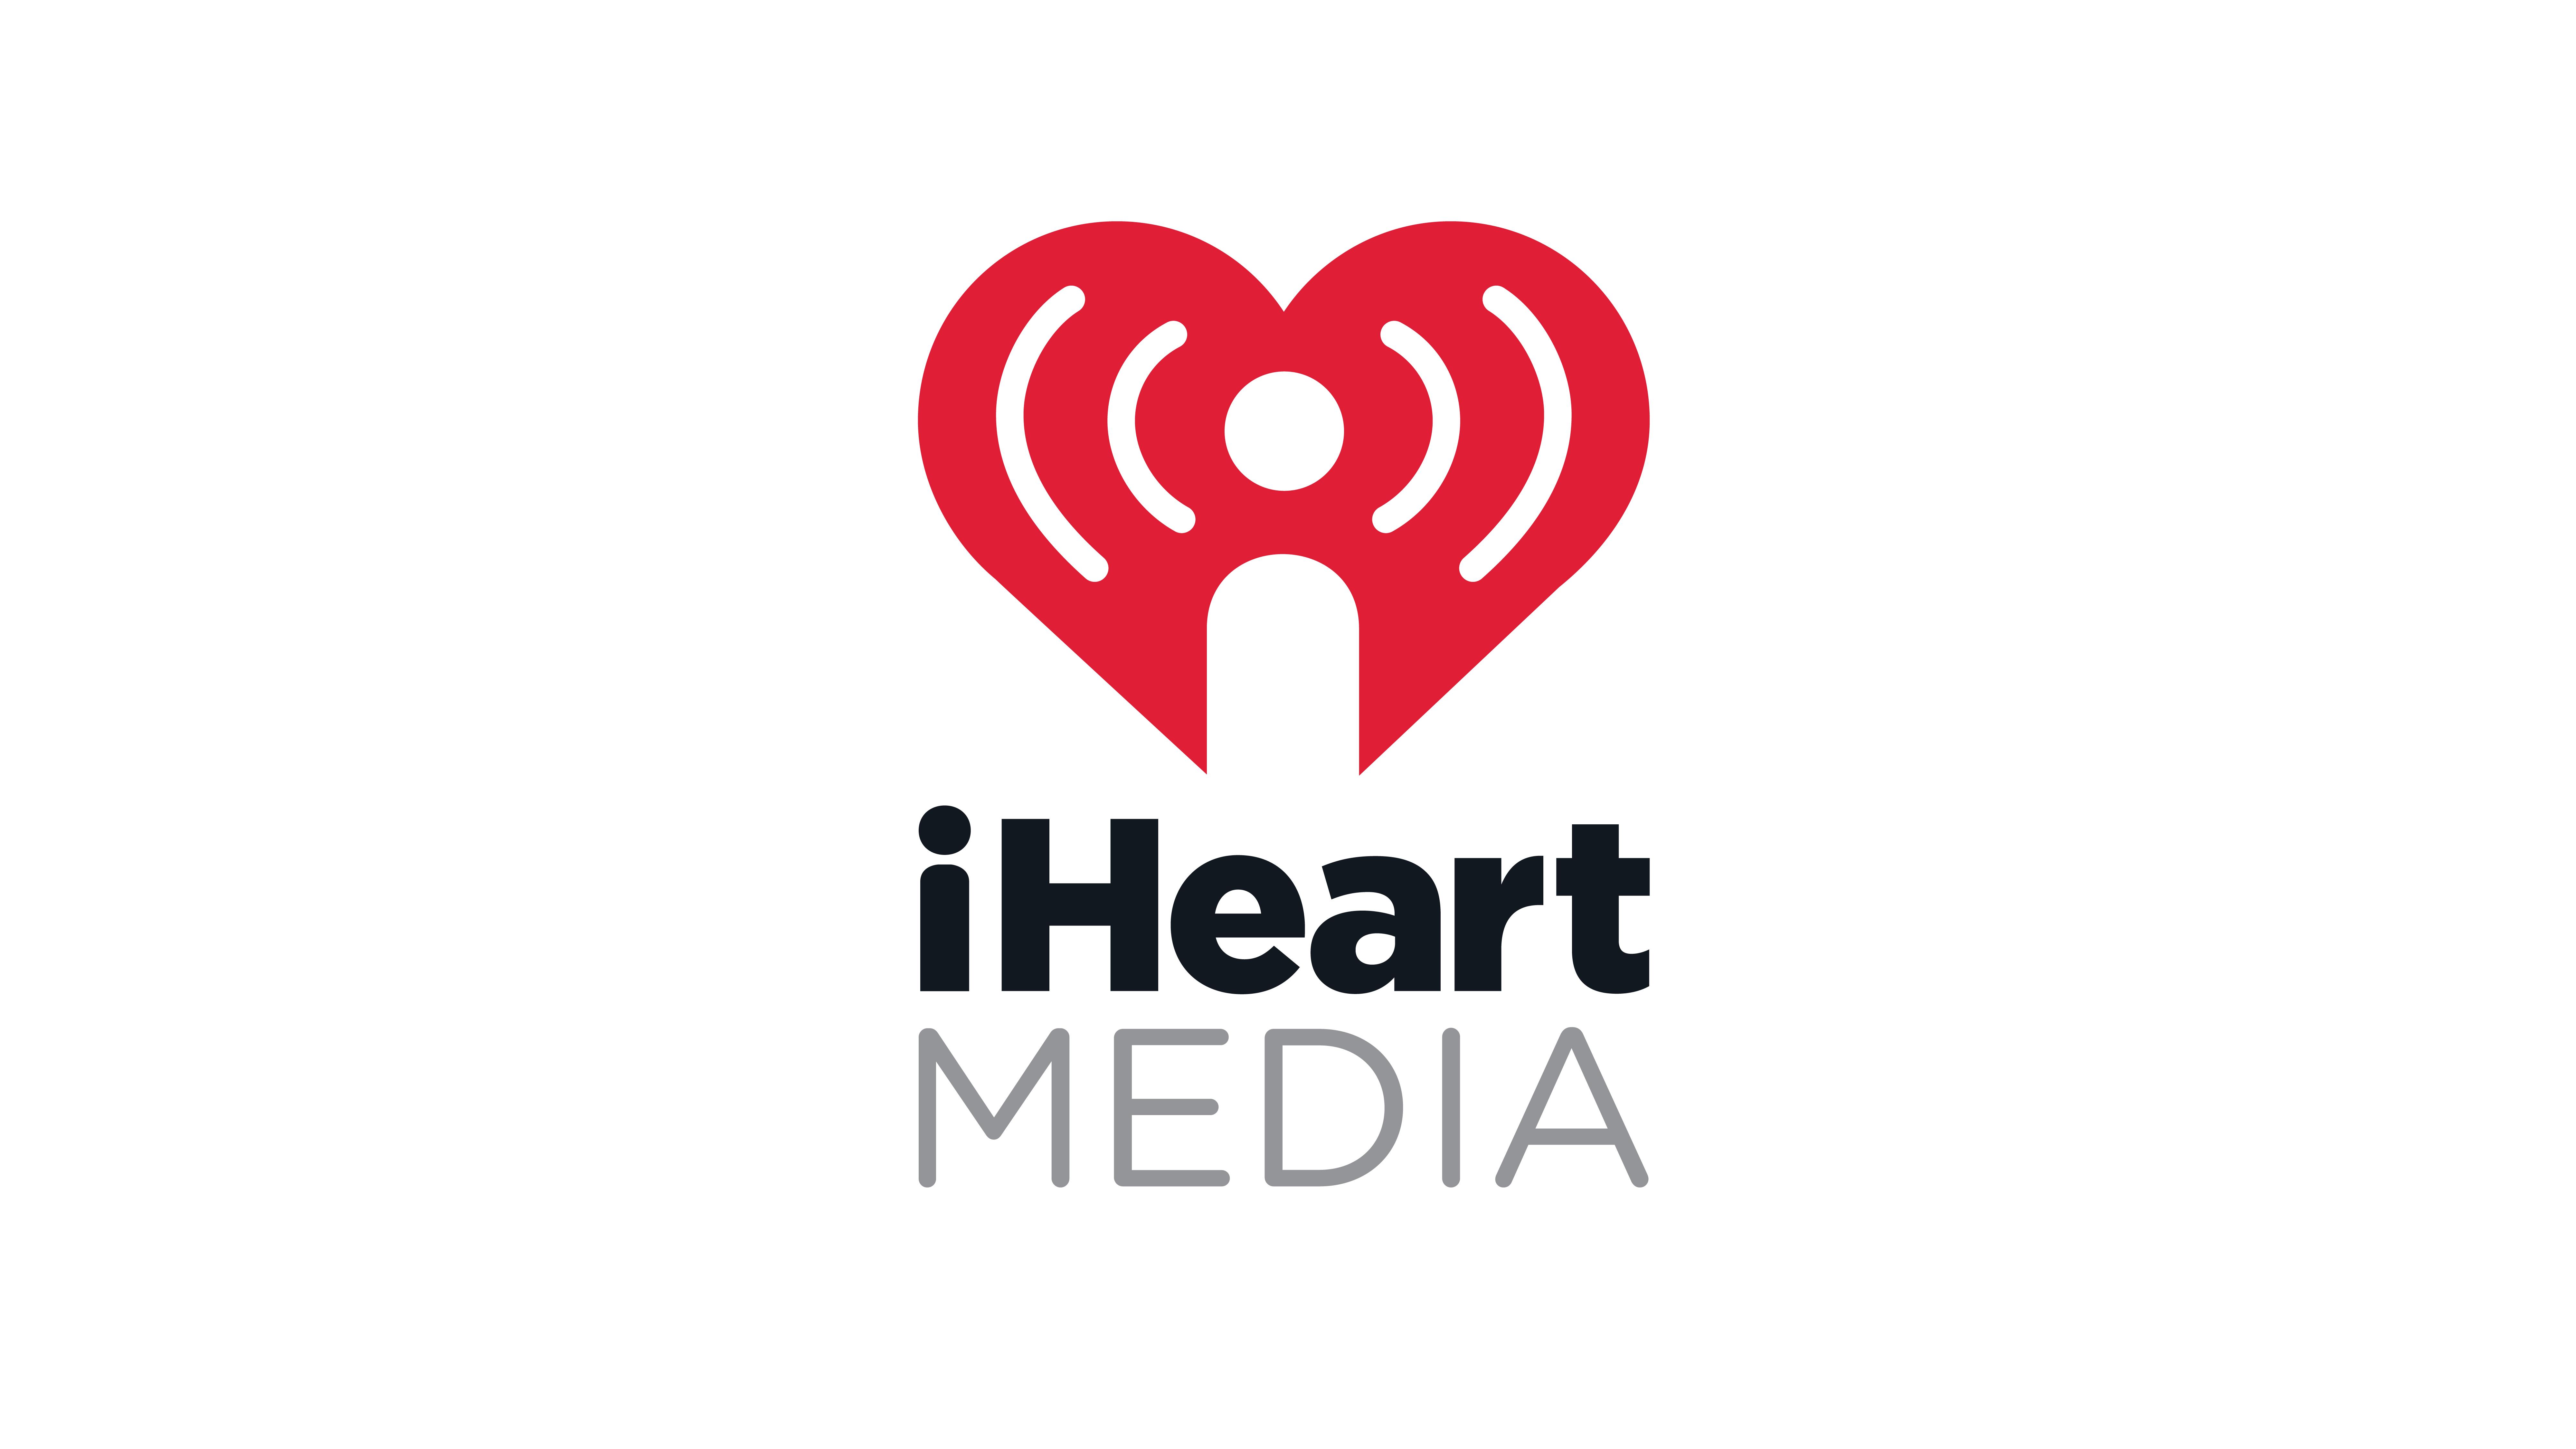 Exclusive radio sponsor